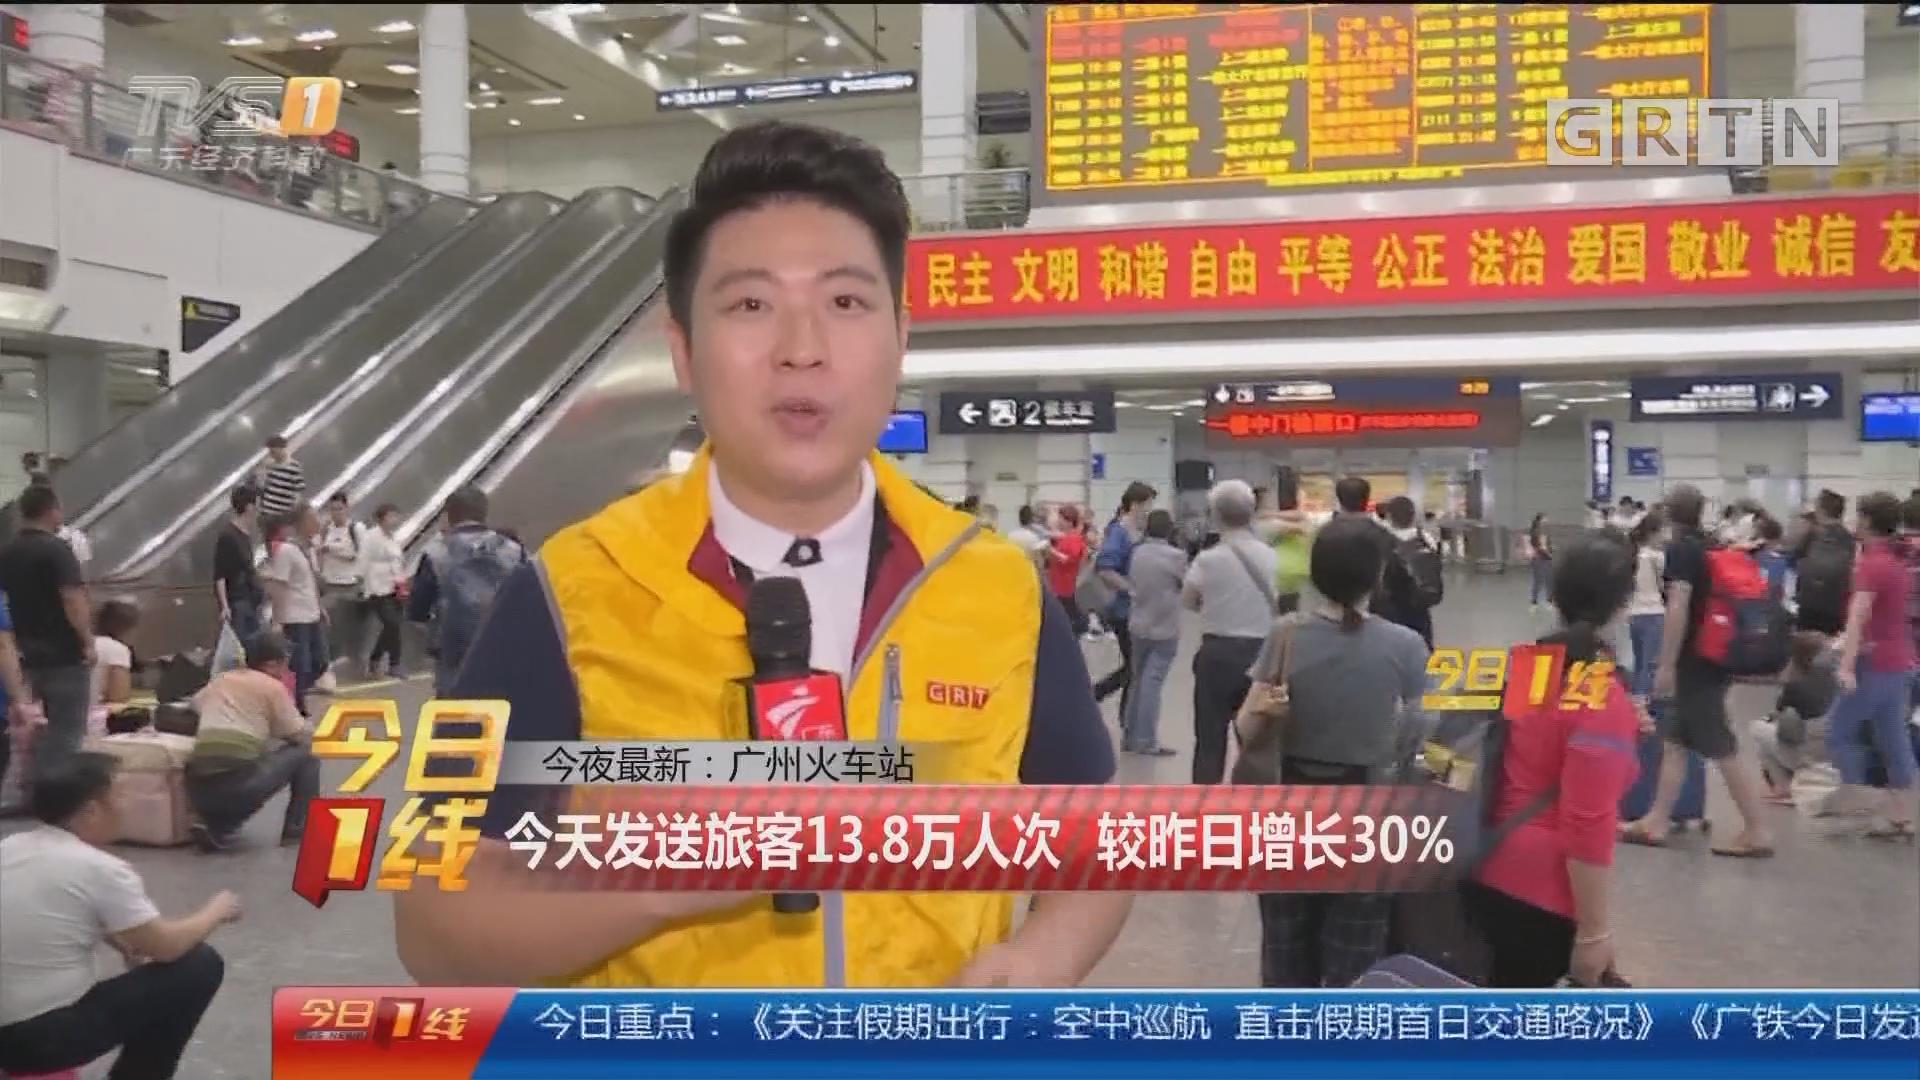 今夜最新:广州火车站 今天发送旅客13.8万人次 较昨日增长30%